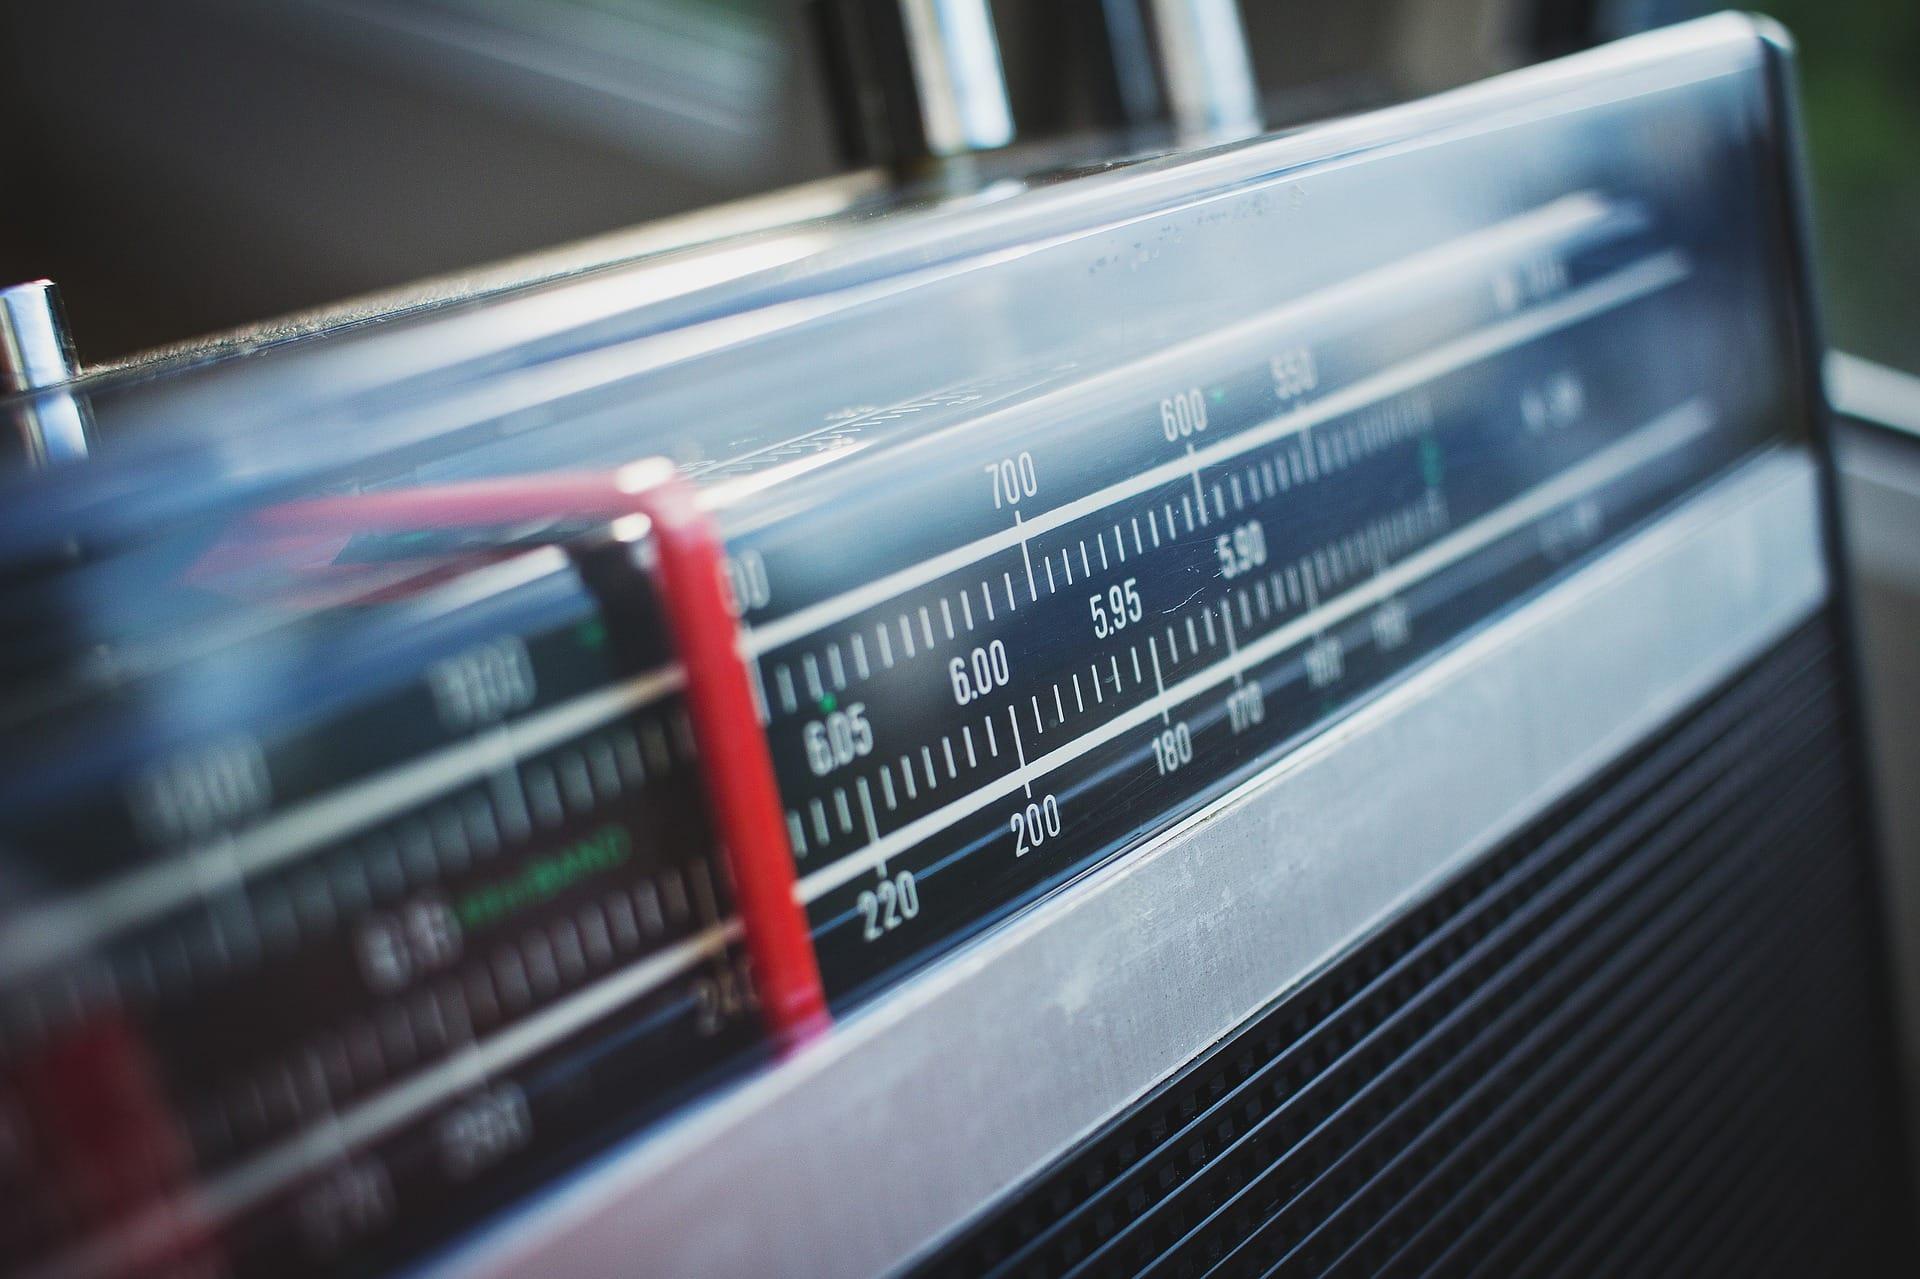 Rundfunkbeitrag, GEZ und lustige Argumente